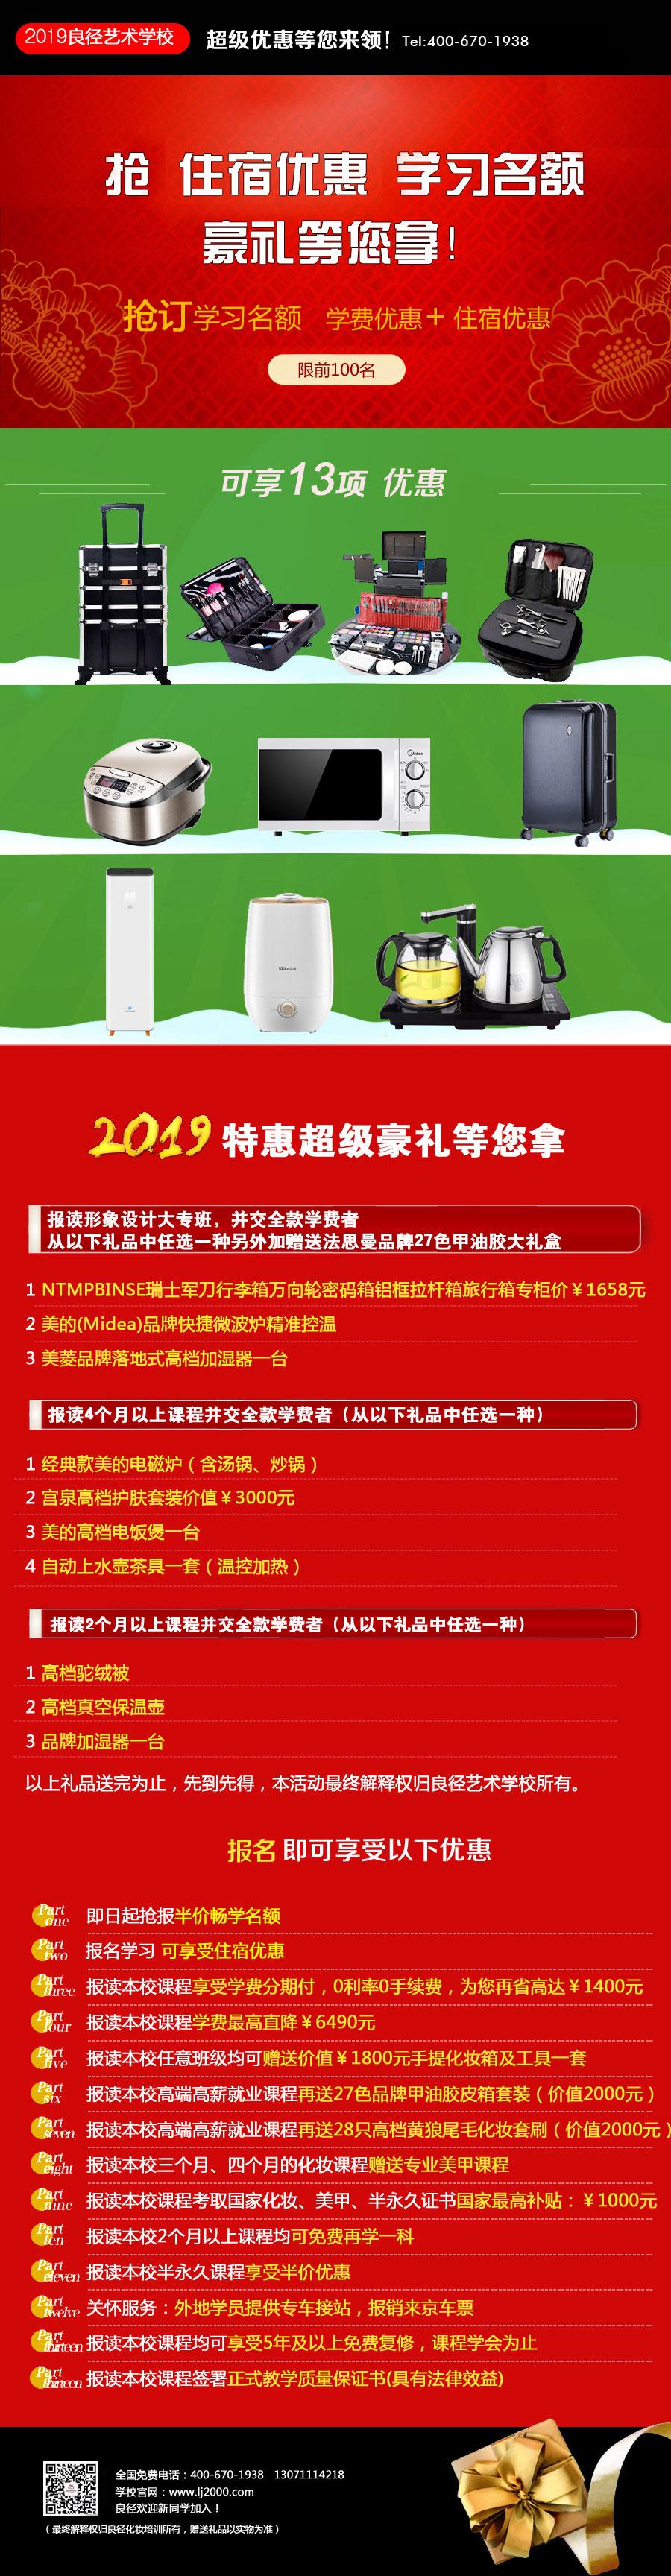 北京良径化妆造型学校 优惠活动